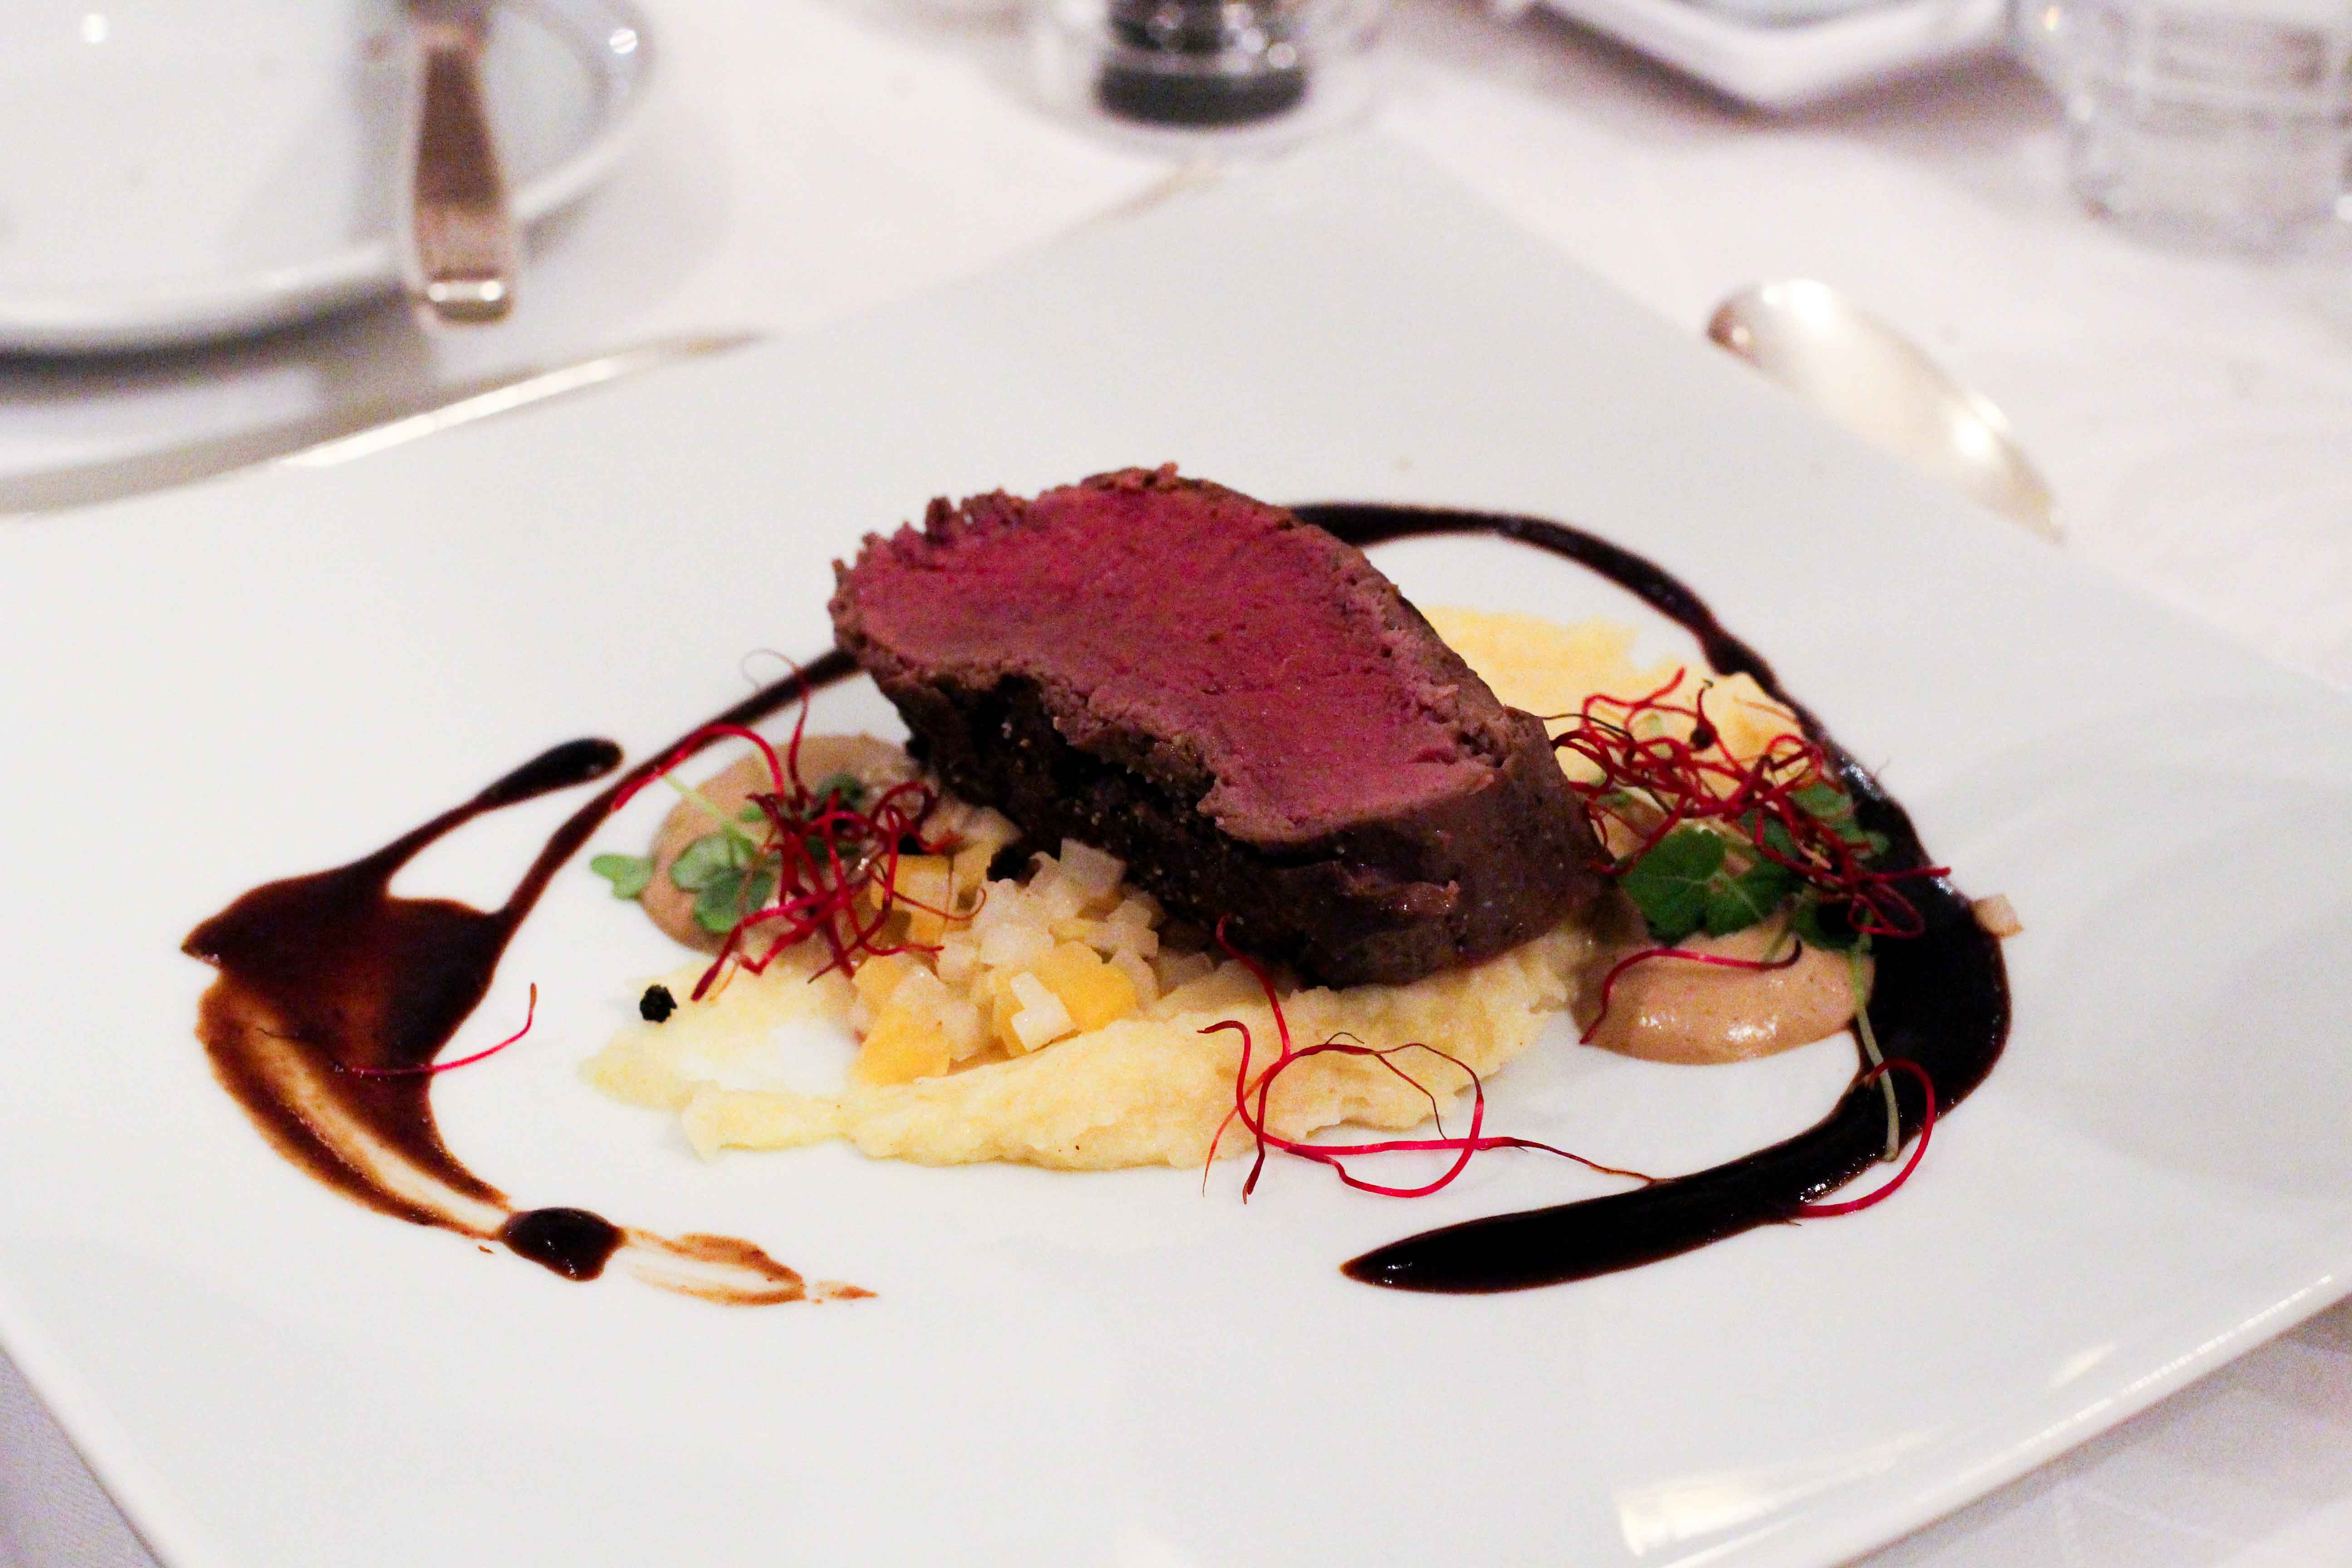 Steigenberger Hotel Bad Neuenahr #Stahr Bloggerreise Luxushotel Eifelhirsch Dinner